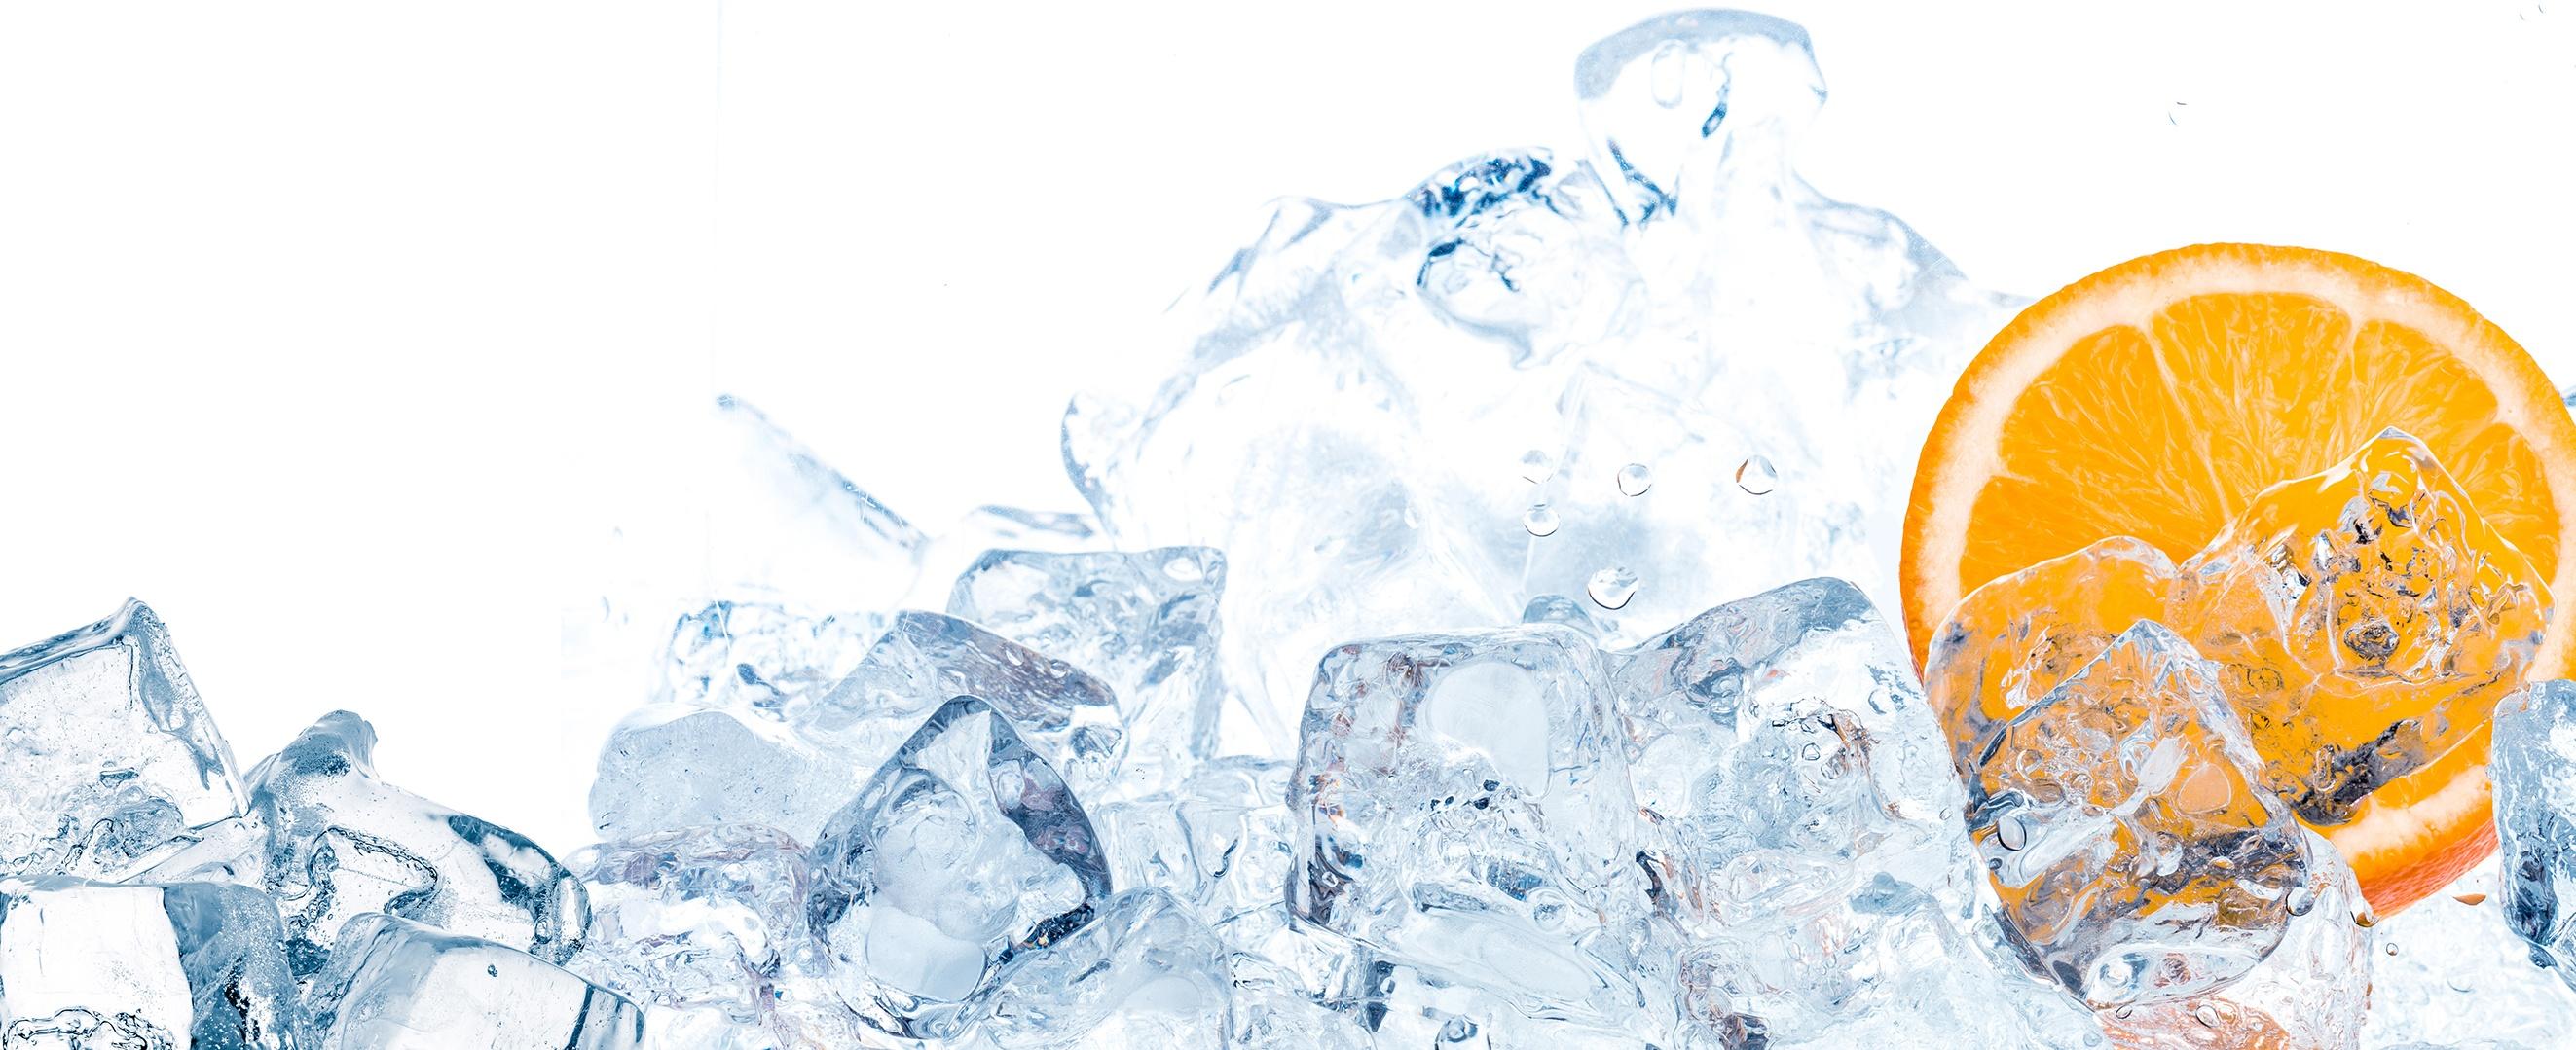 header-summer-ice-small_559737724.jpg